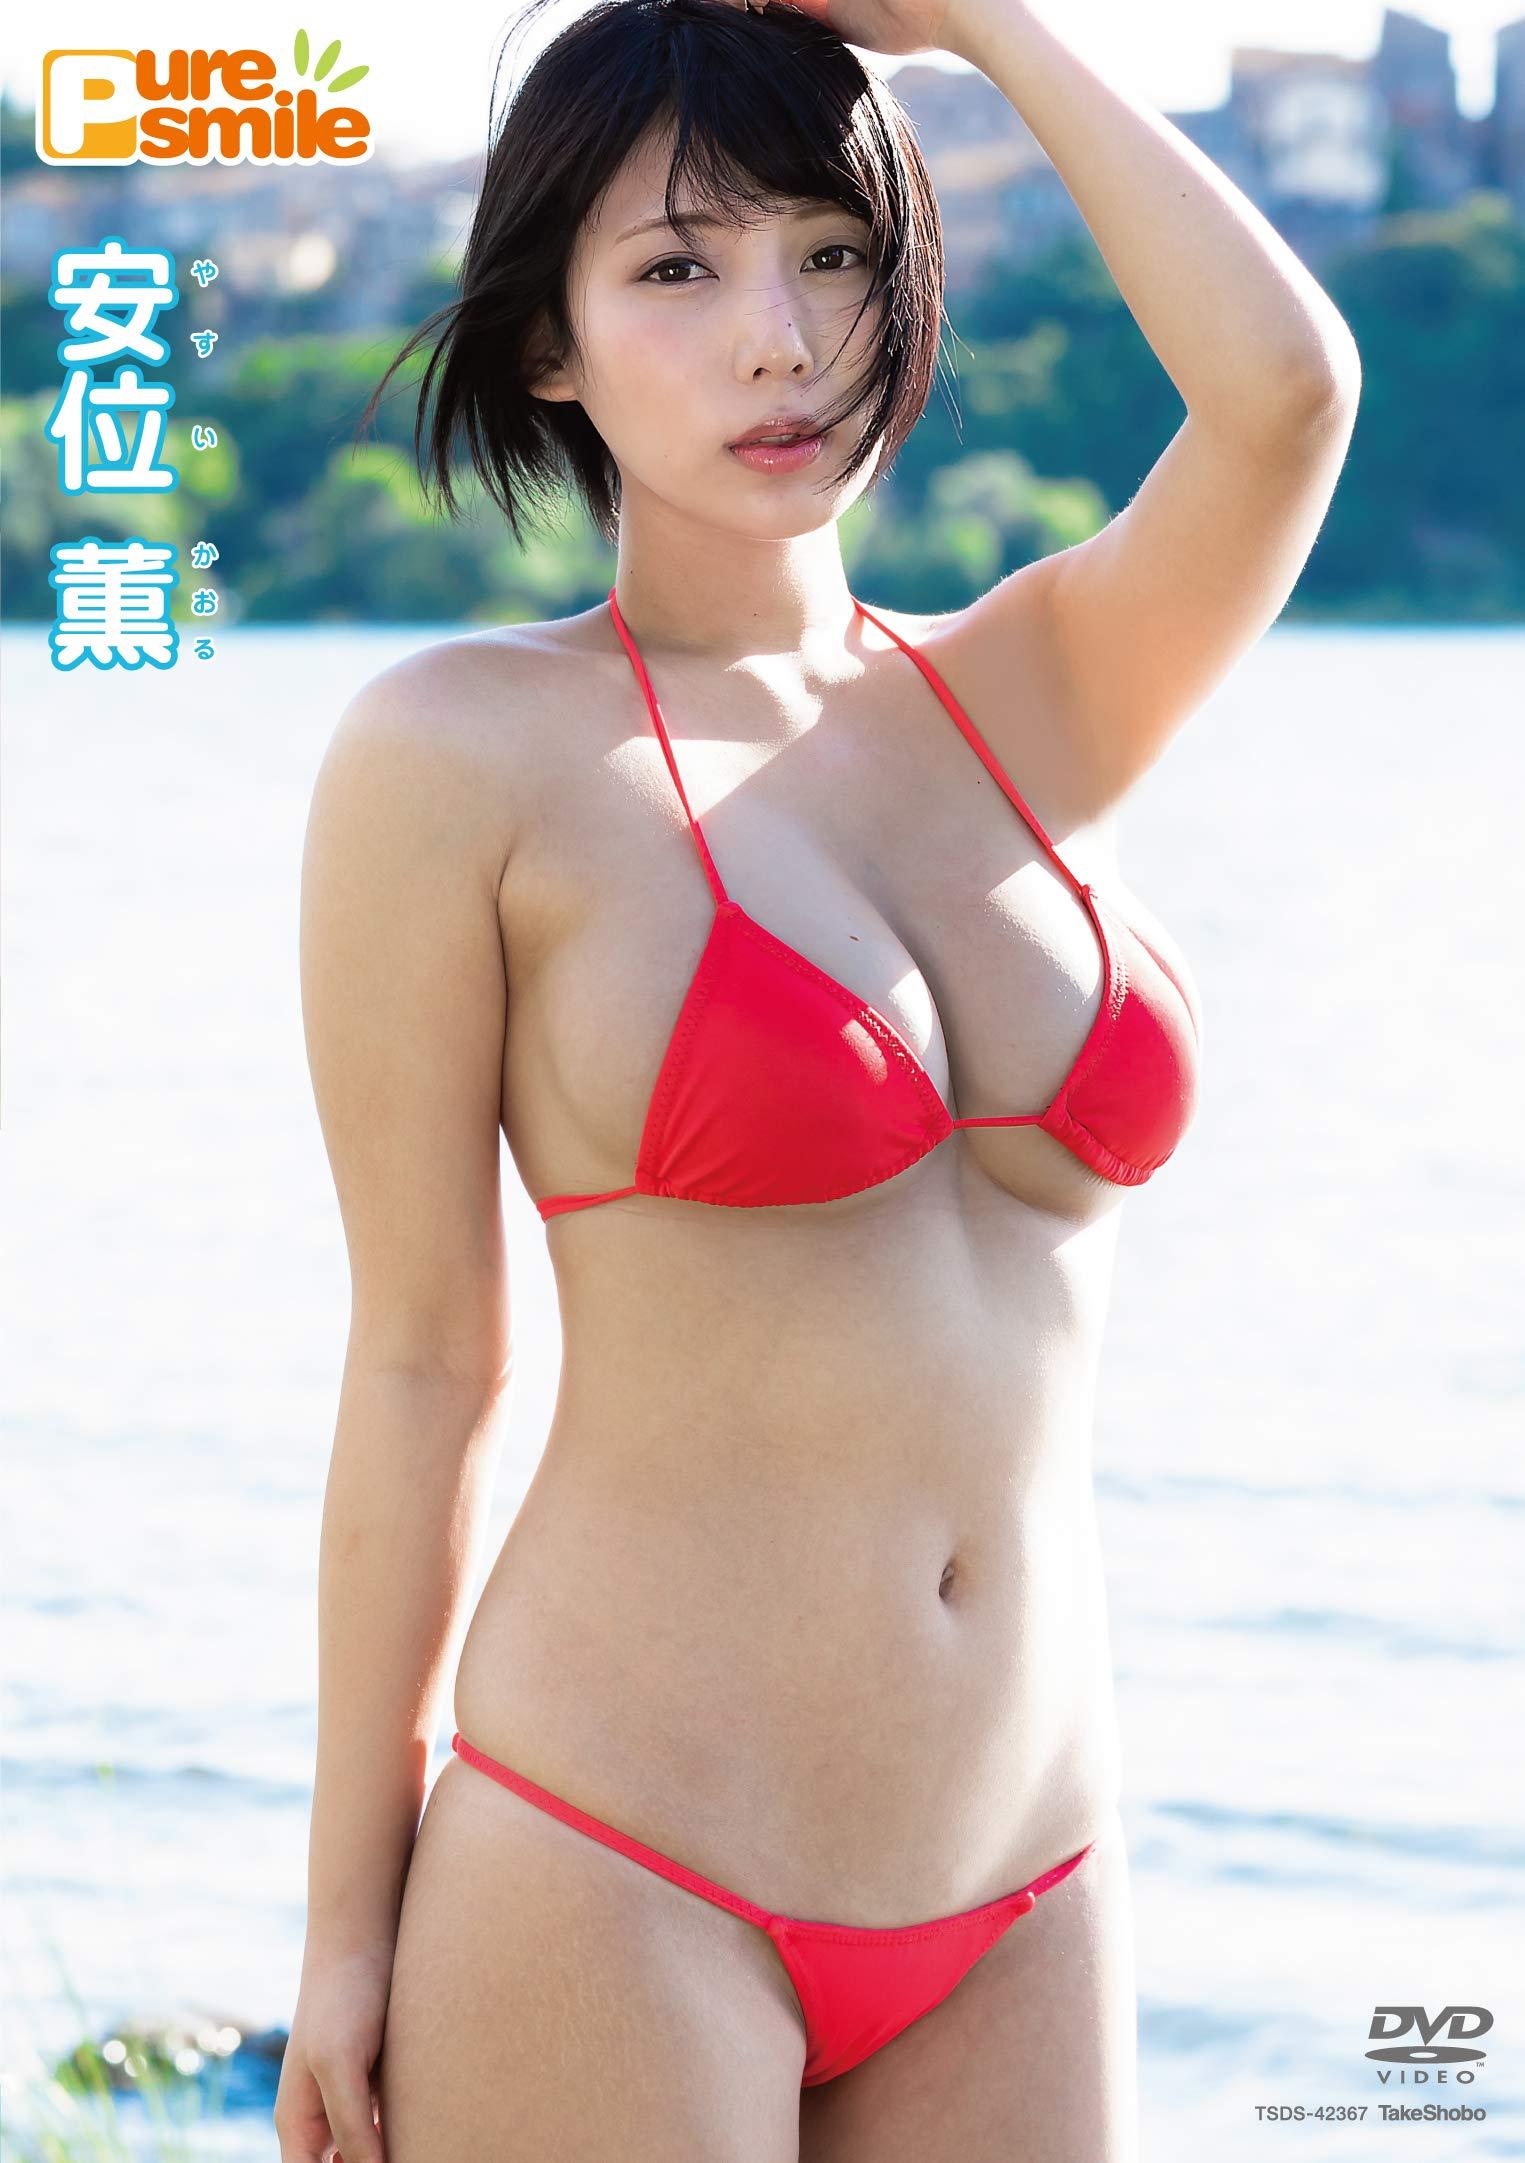 安位薫 ピュア・スマイル